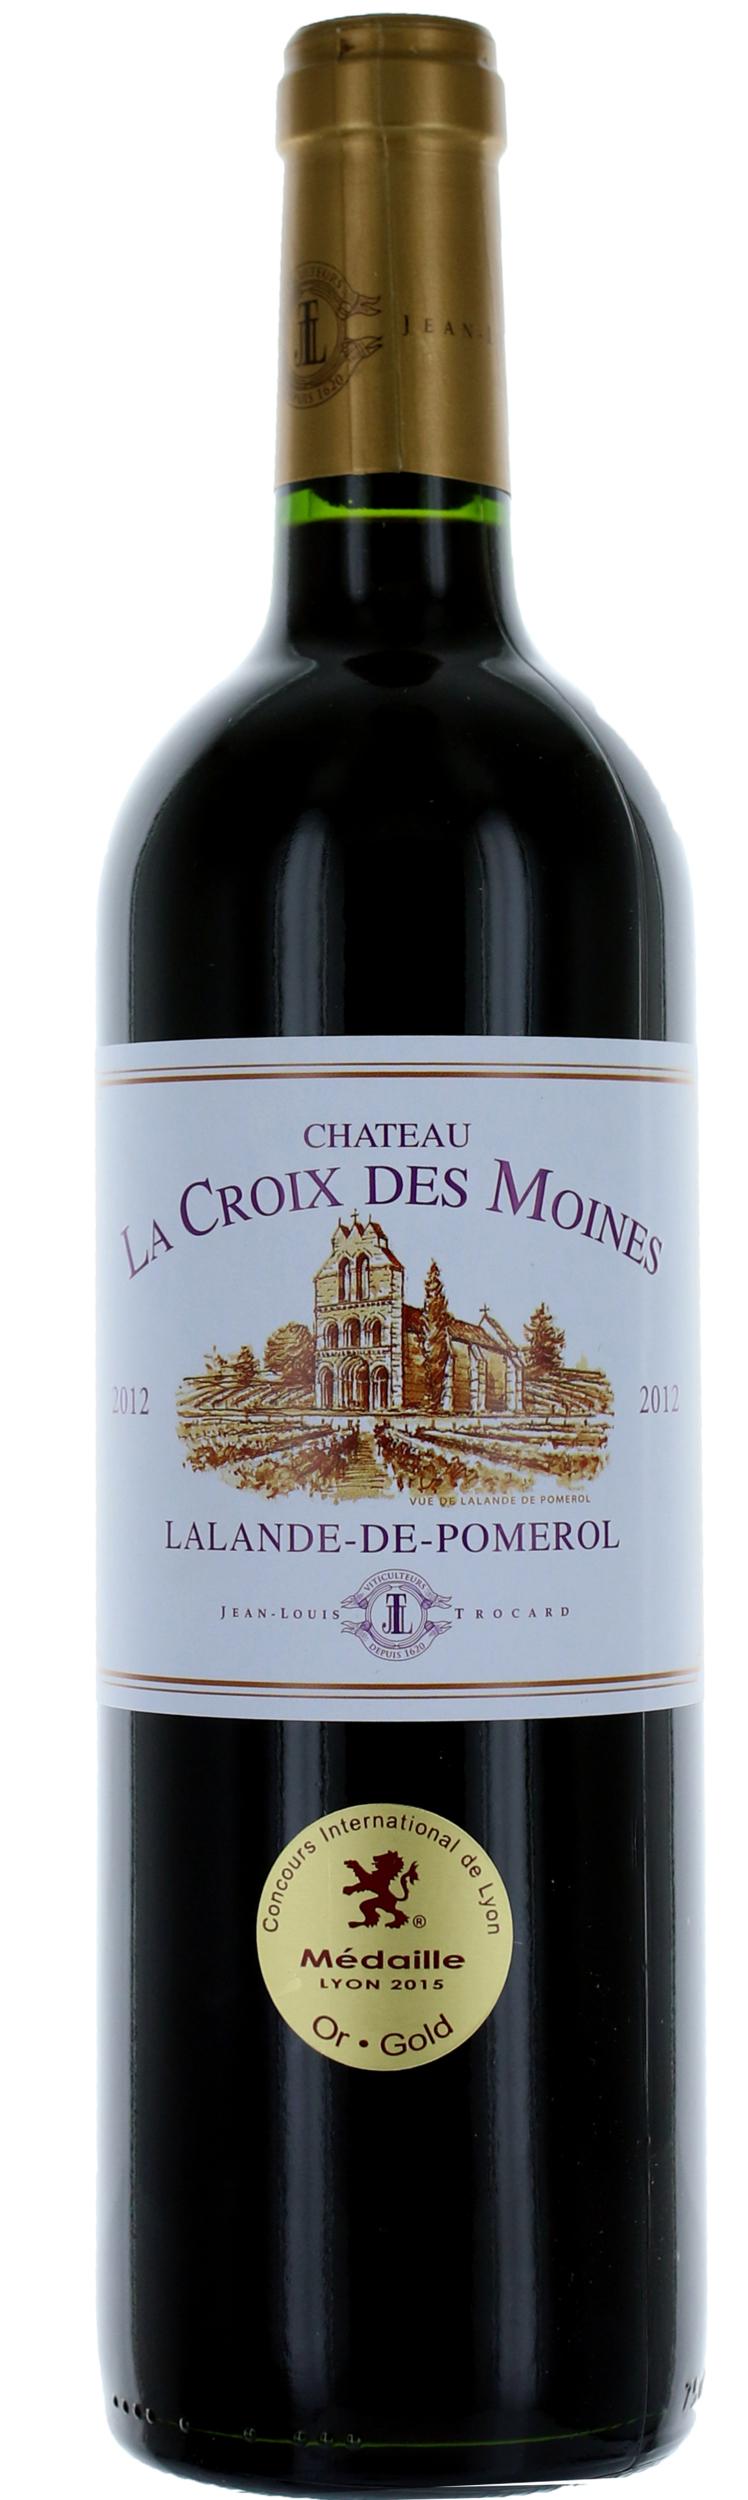 Lalande de Pomerol - Château La Croix Des Moines - Jean Louis Trocard - 2016